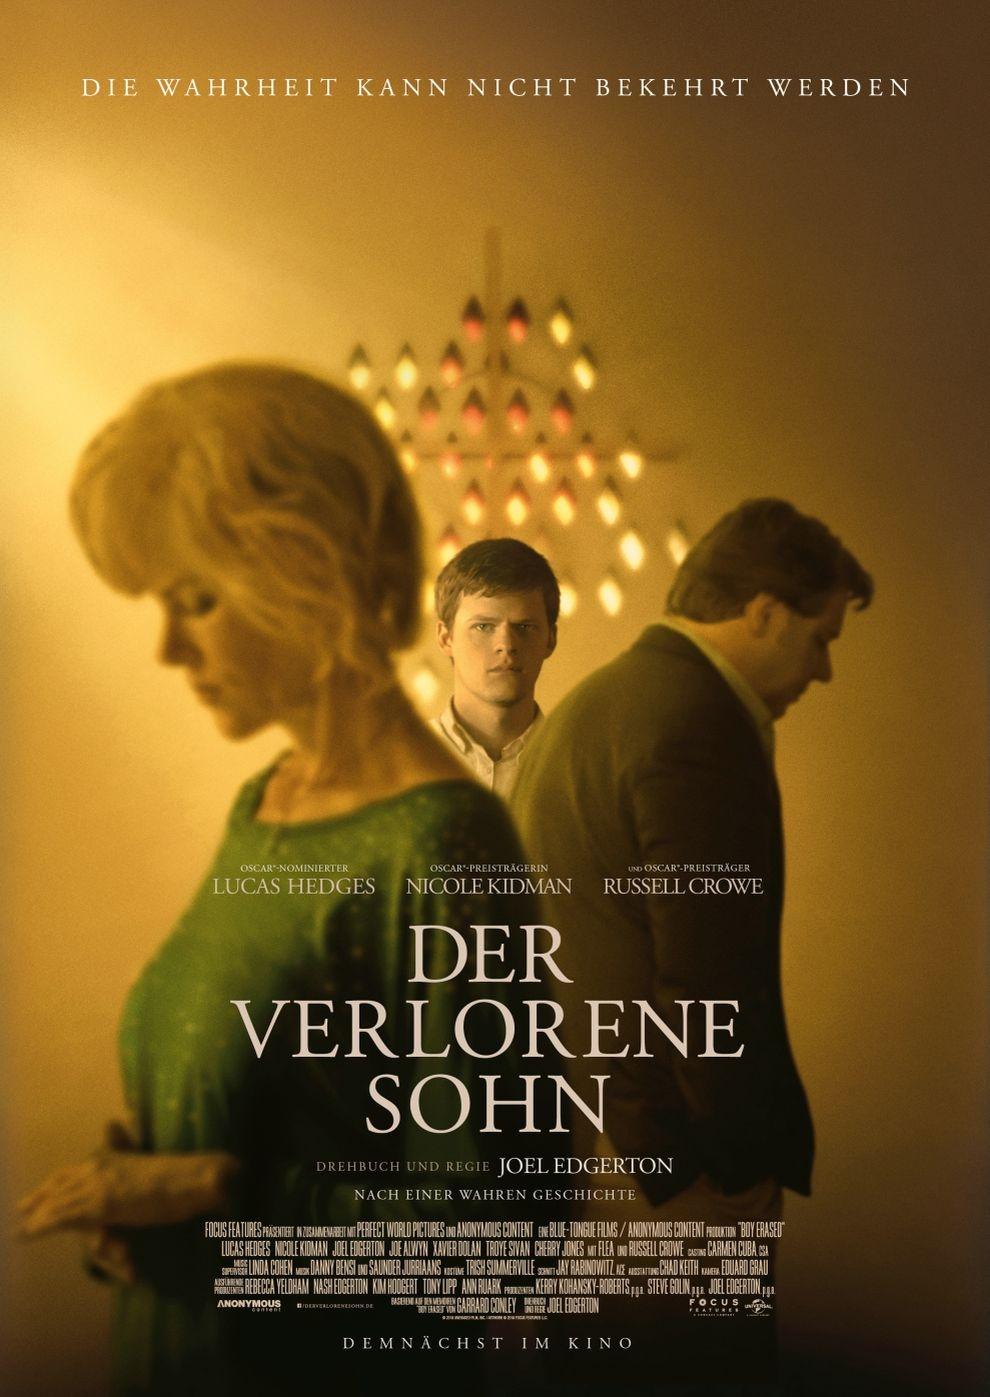 Der verlorene Sohn (Poster)